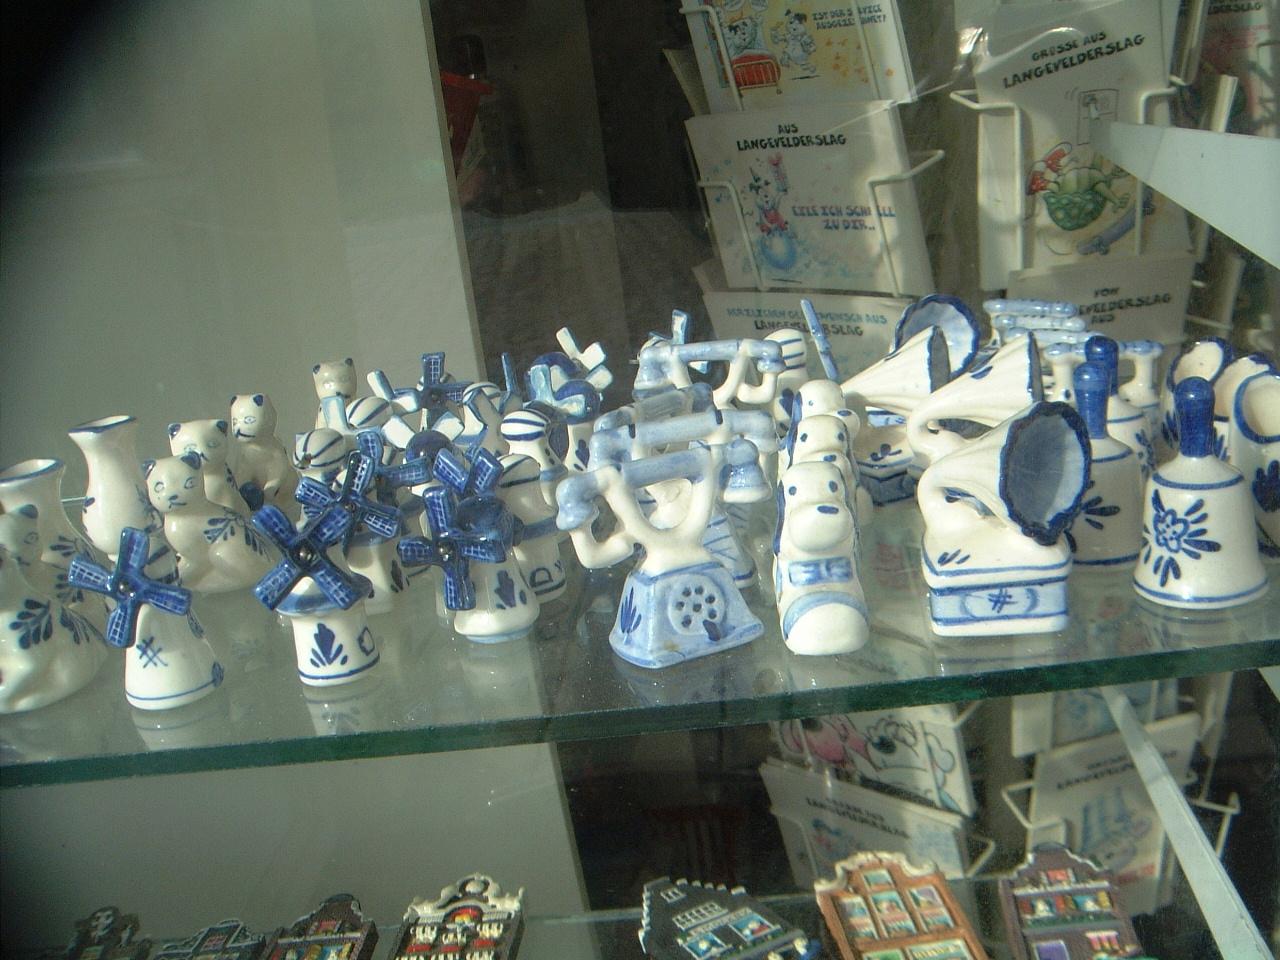 maartent dutch souvenirs delfs blue porcelain